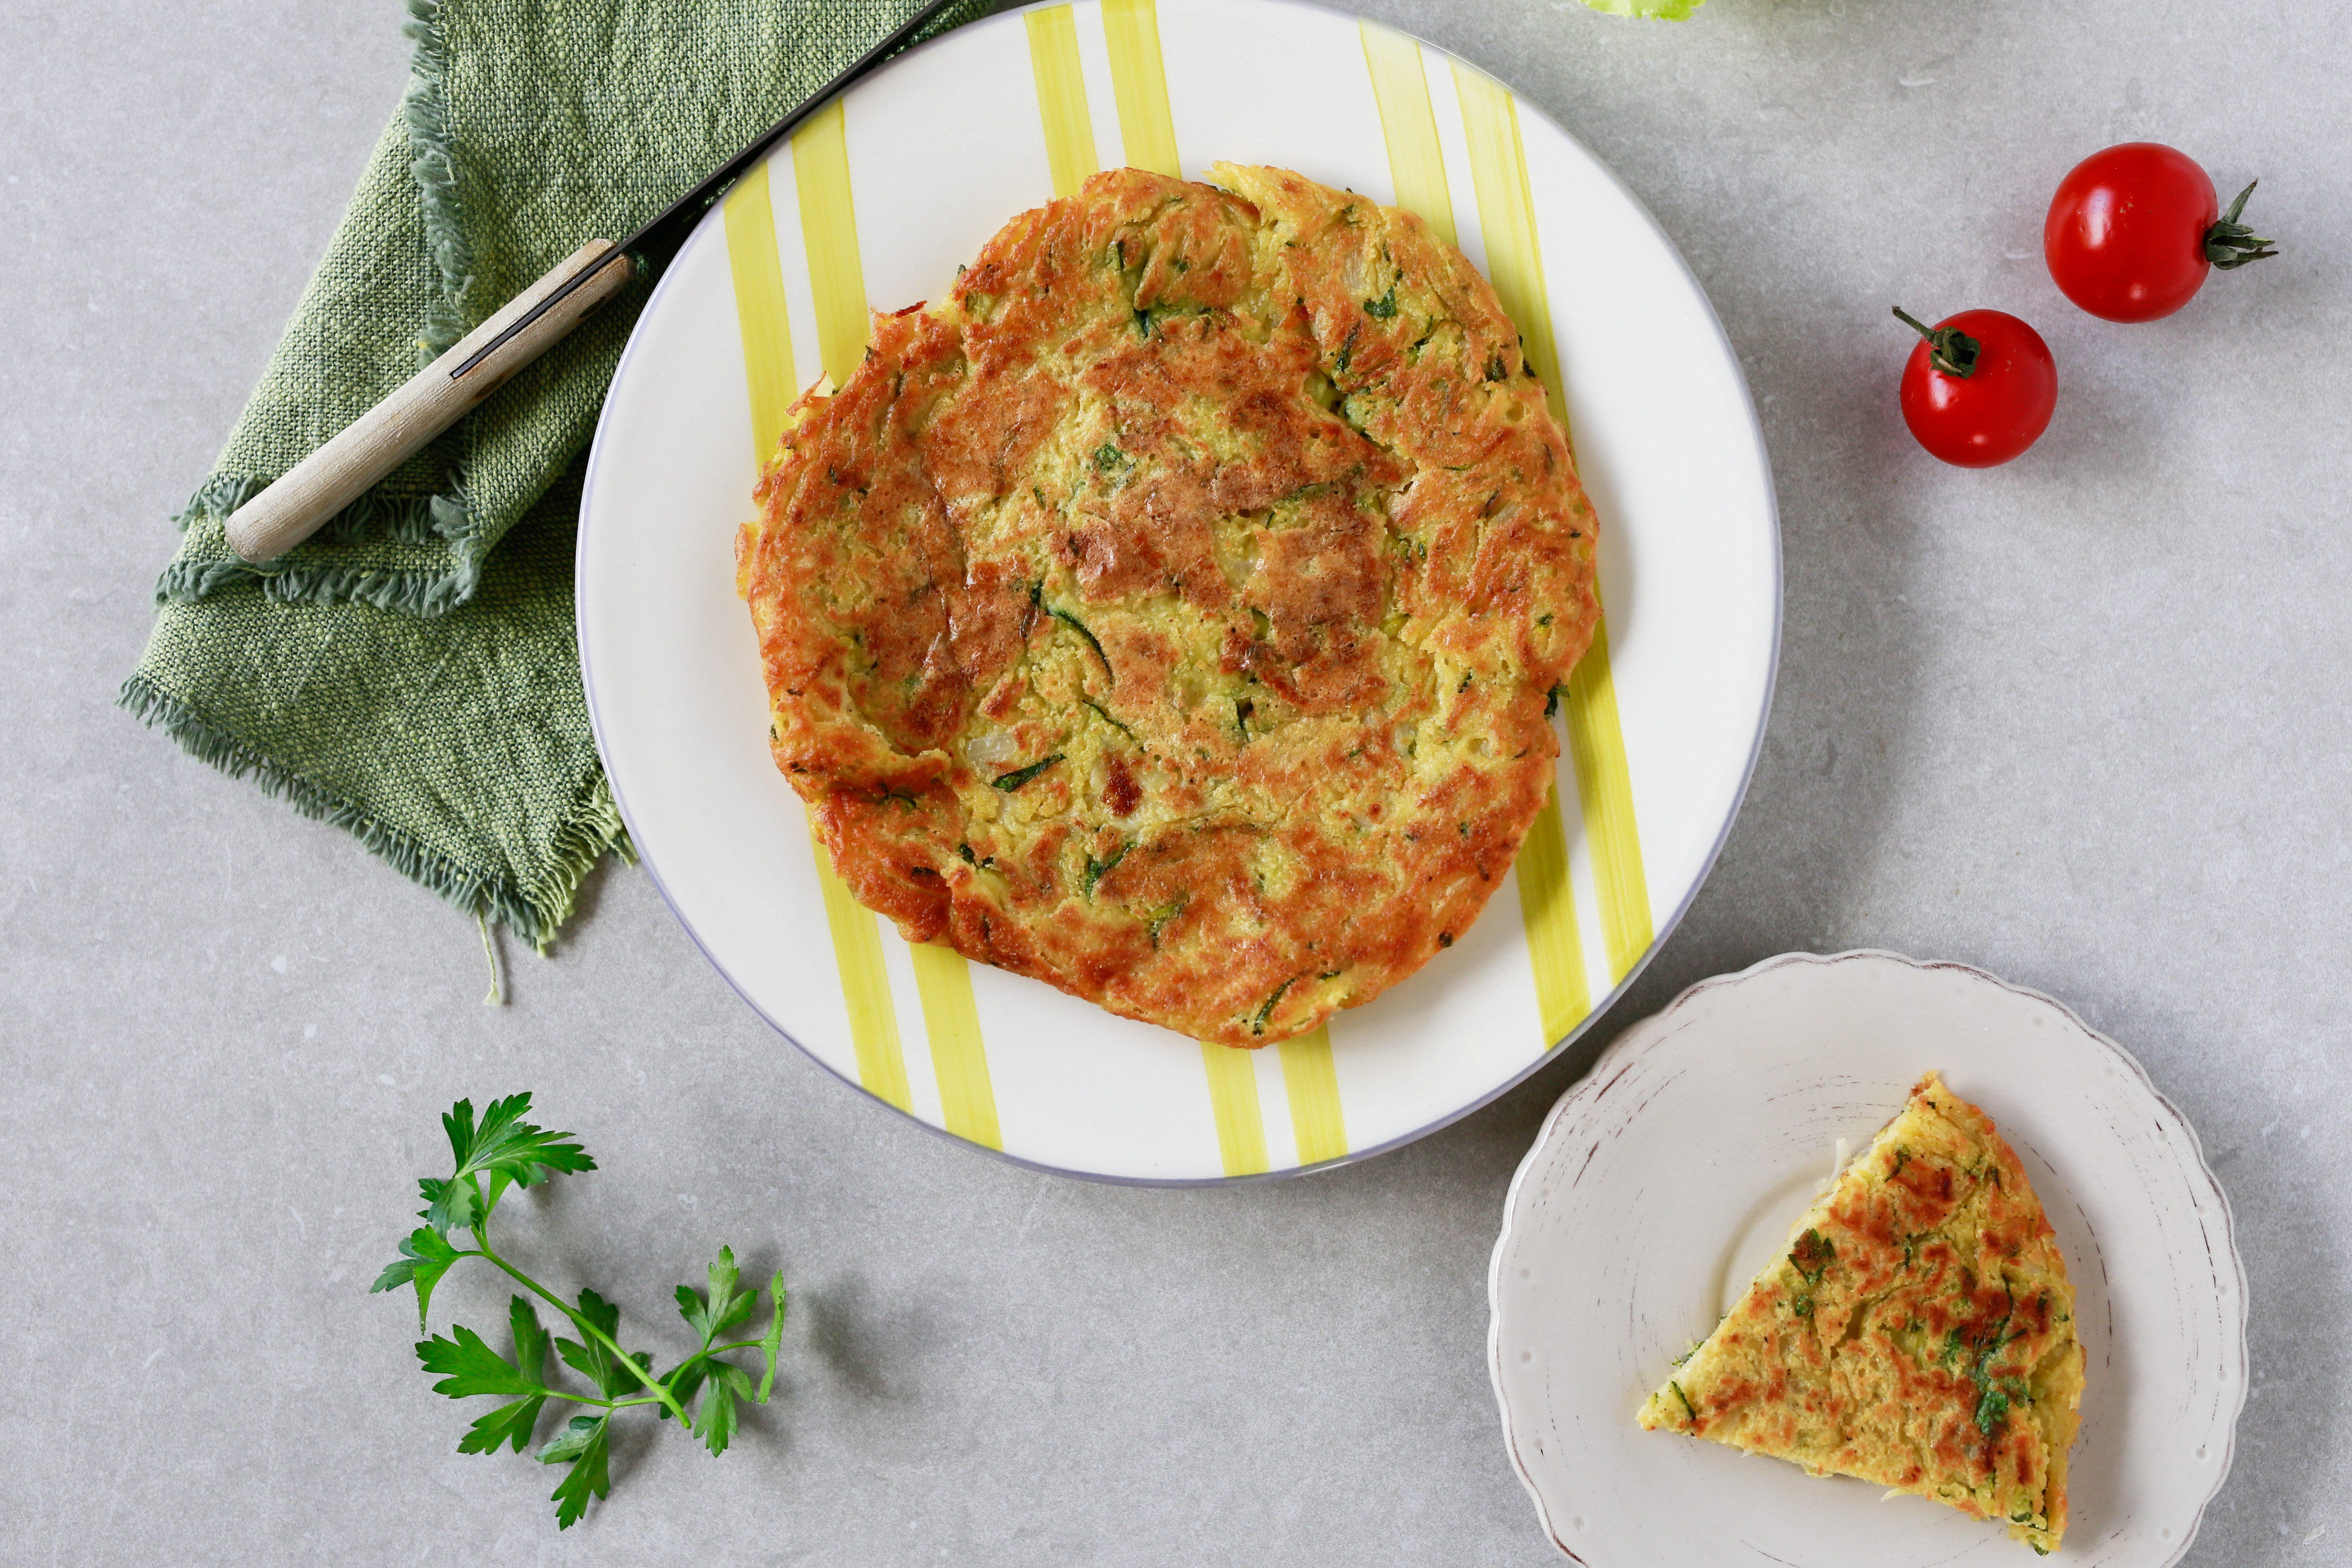 Tortilla di patate e zucchine: la ricetta senza uova e con farina di ceci